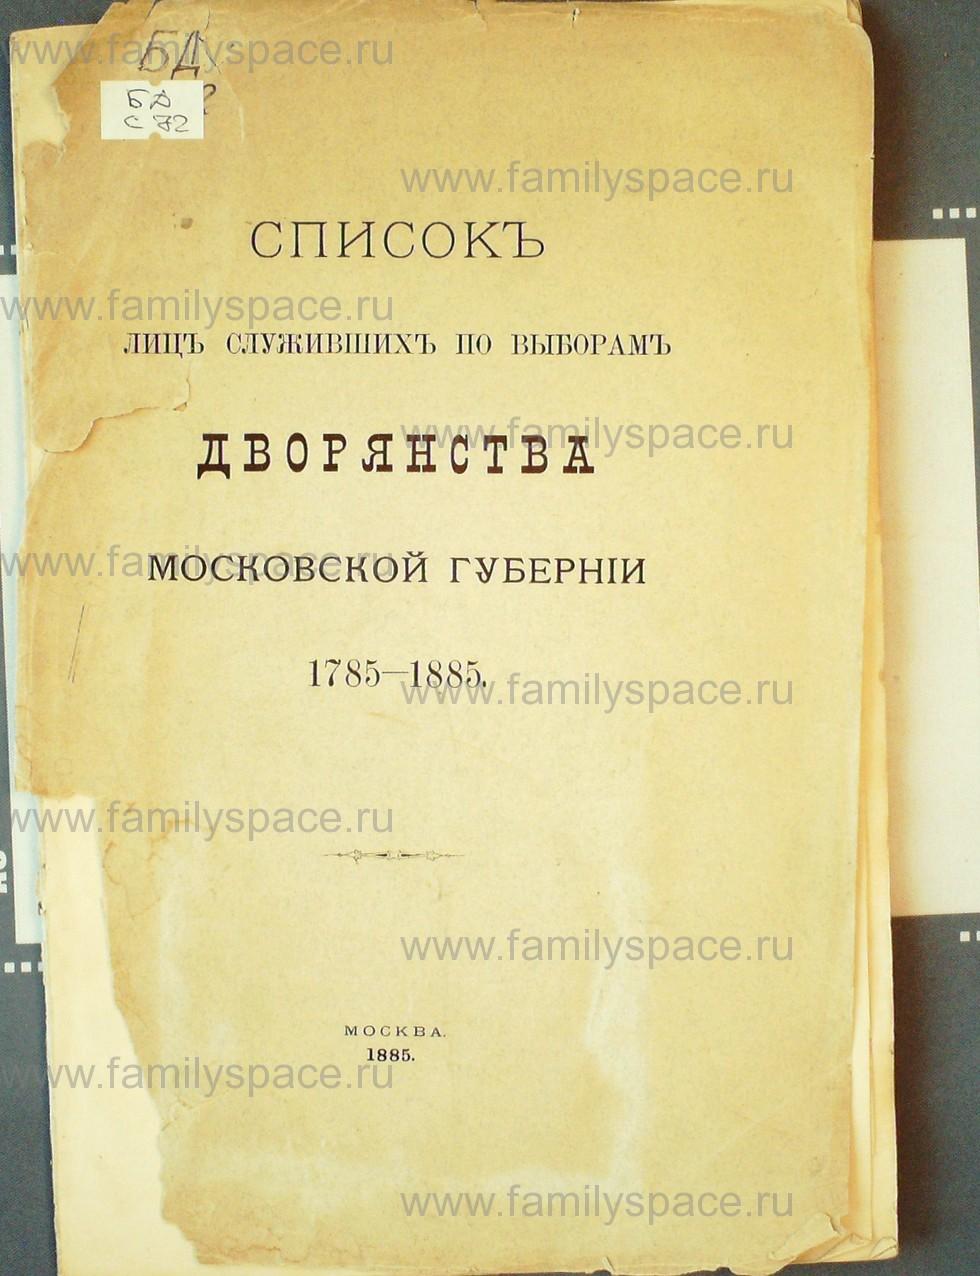 Поиск по фамилии - Список дворянства Московской губернии 1785-1885, страница 1